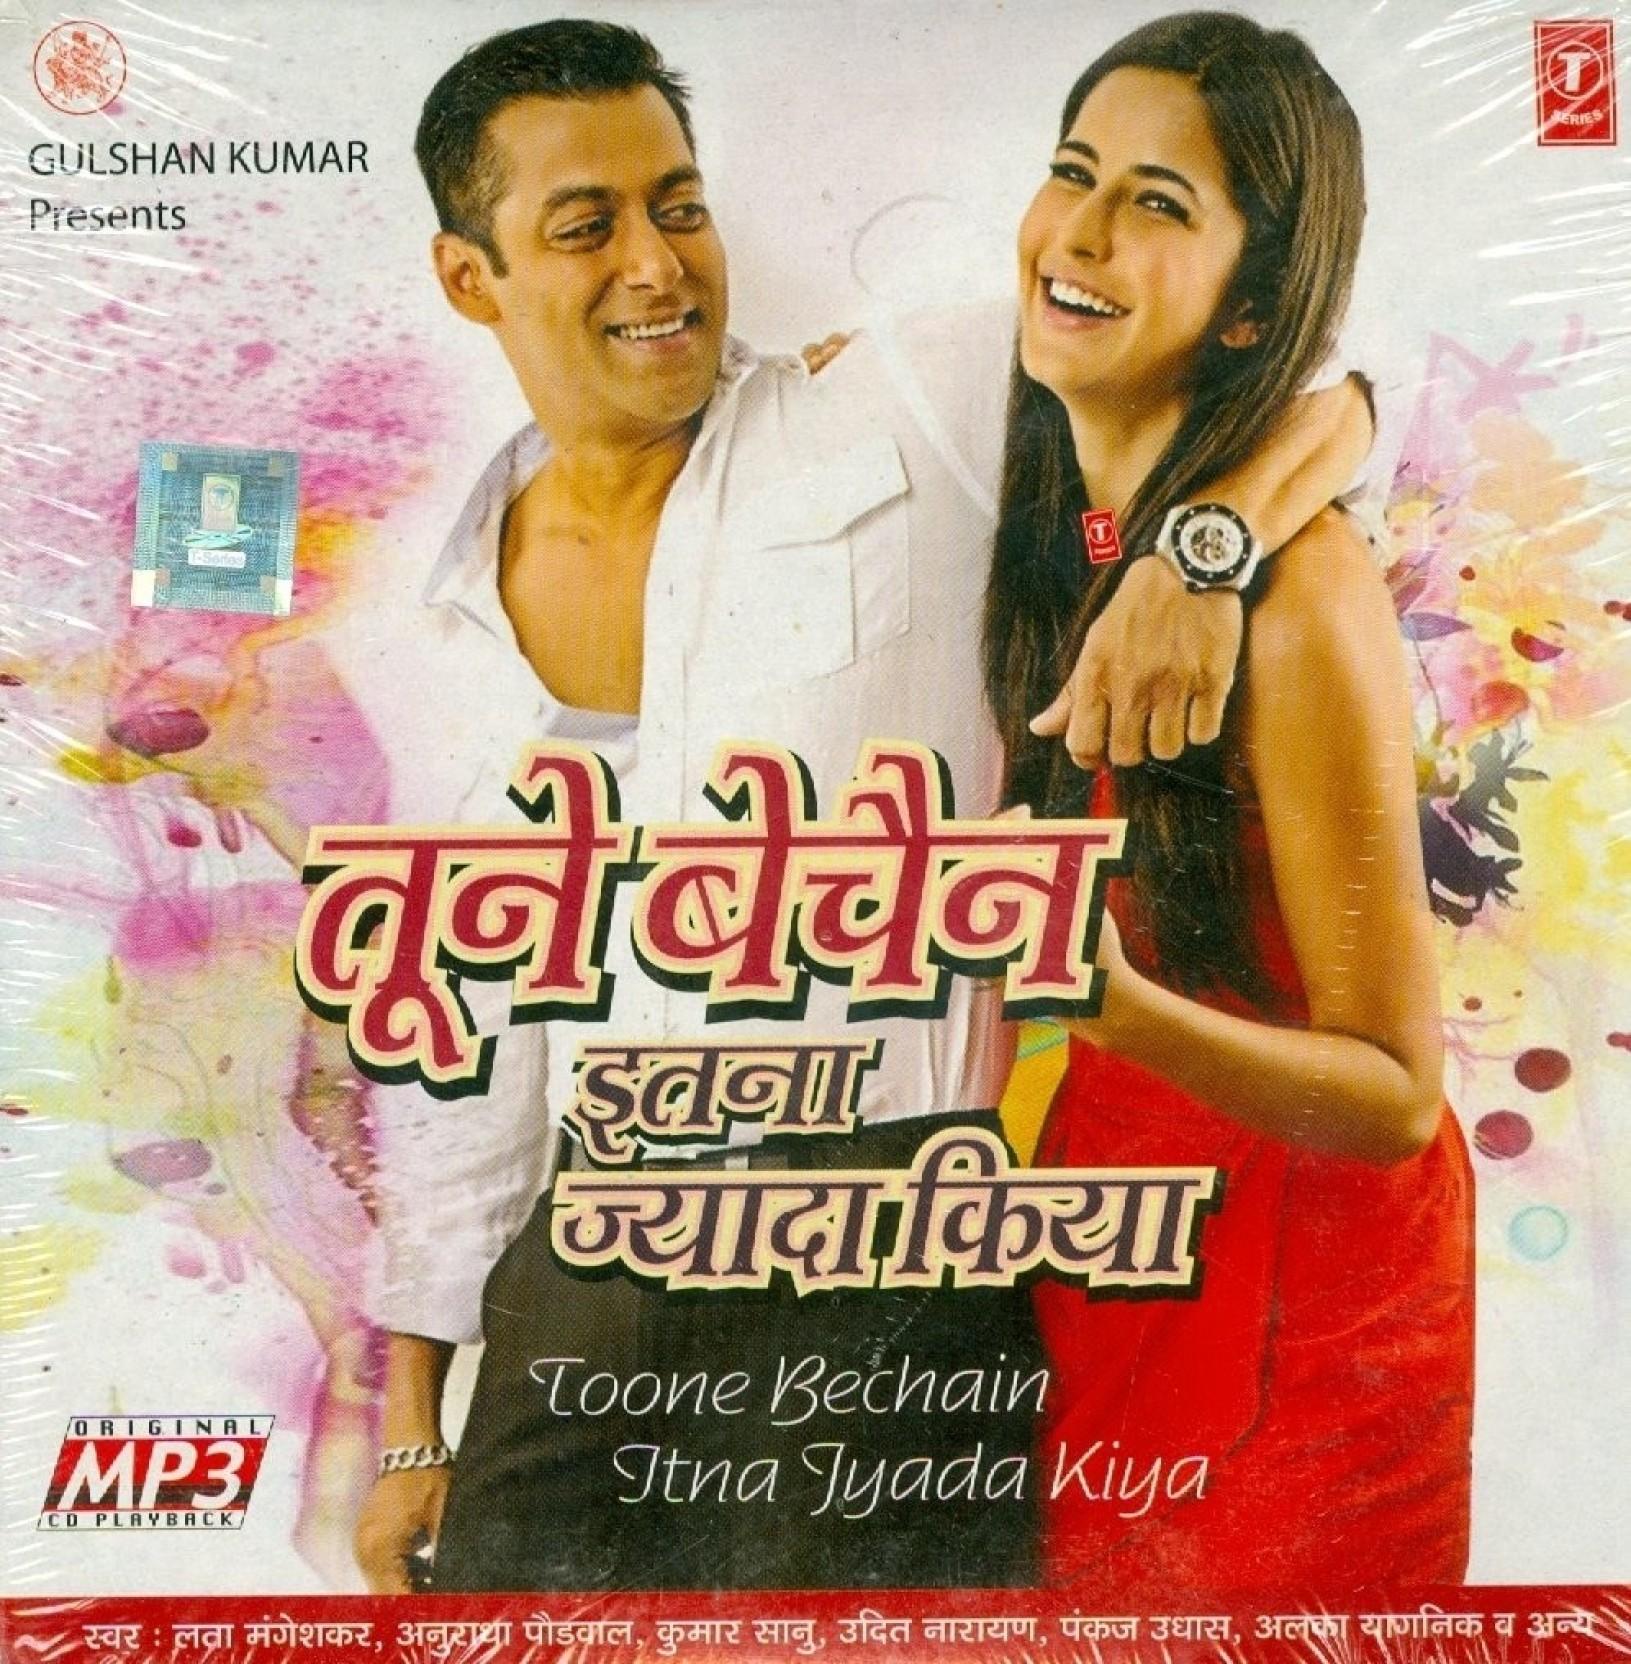 Bepanah Pyar Hai Tumse Title Song Pagalworld Download: Toone Bechain Itna Jyada Kiya Music MP3